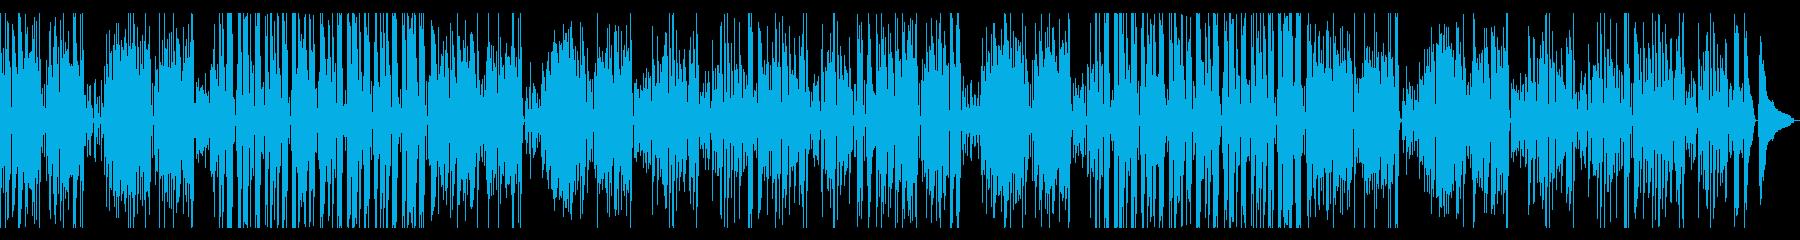 ラテン風の楽しい日常系BGMの再生済みの波形